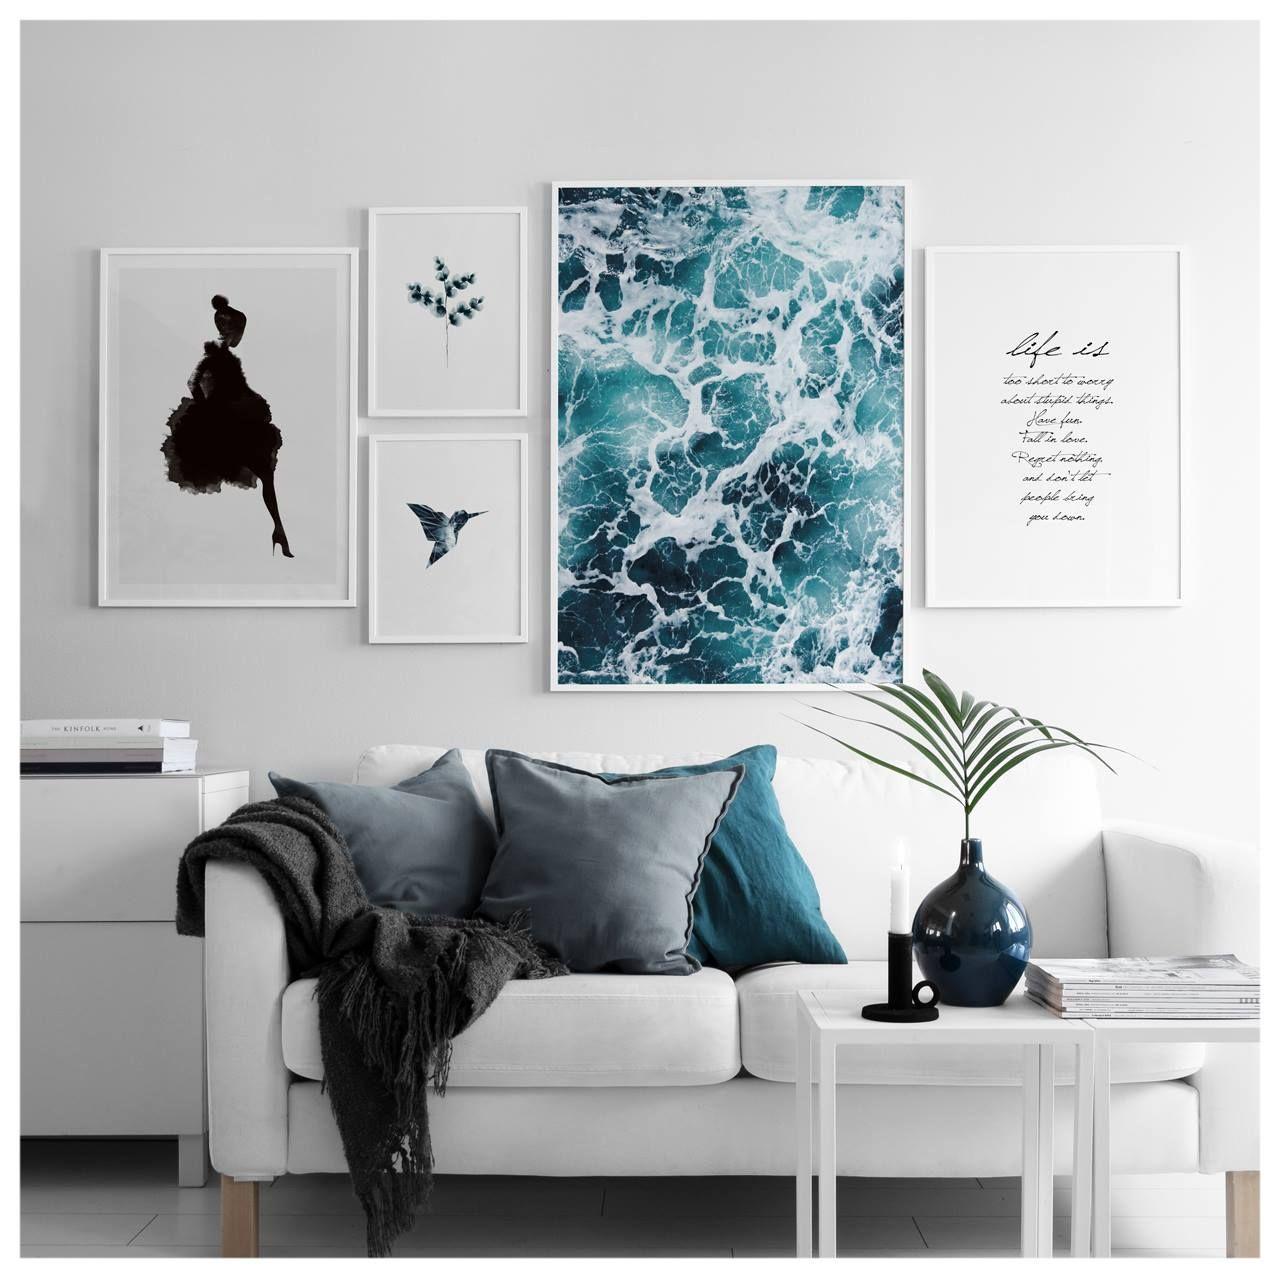 aufteilung interior design pinterest wohnzimmer schlafzimmer und wohnen. Black Bedroom Furniture Sets. Home Design Ideas